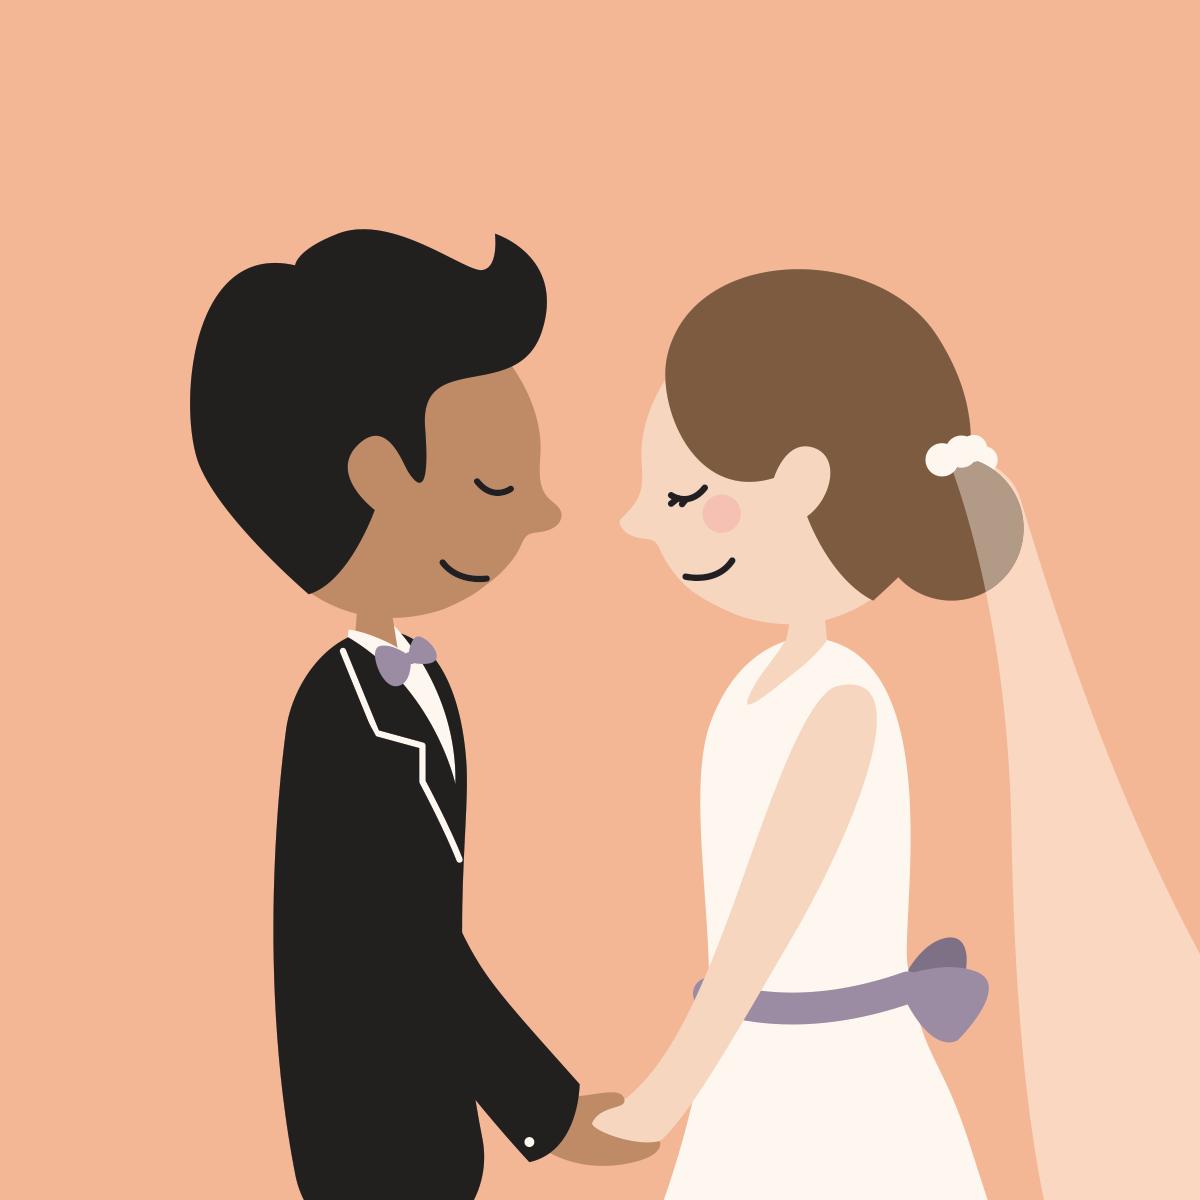 72 weddings